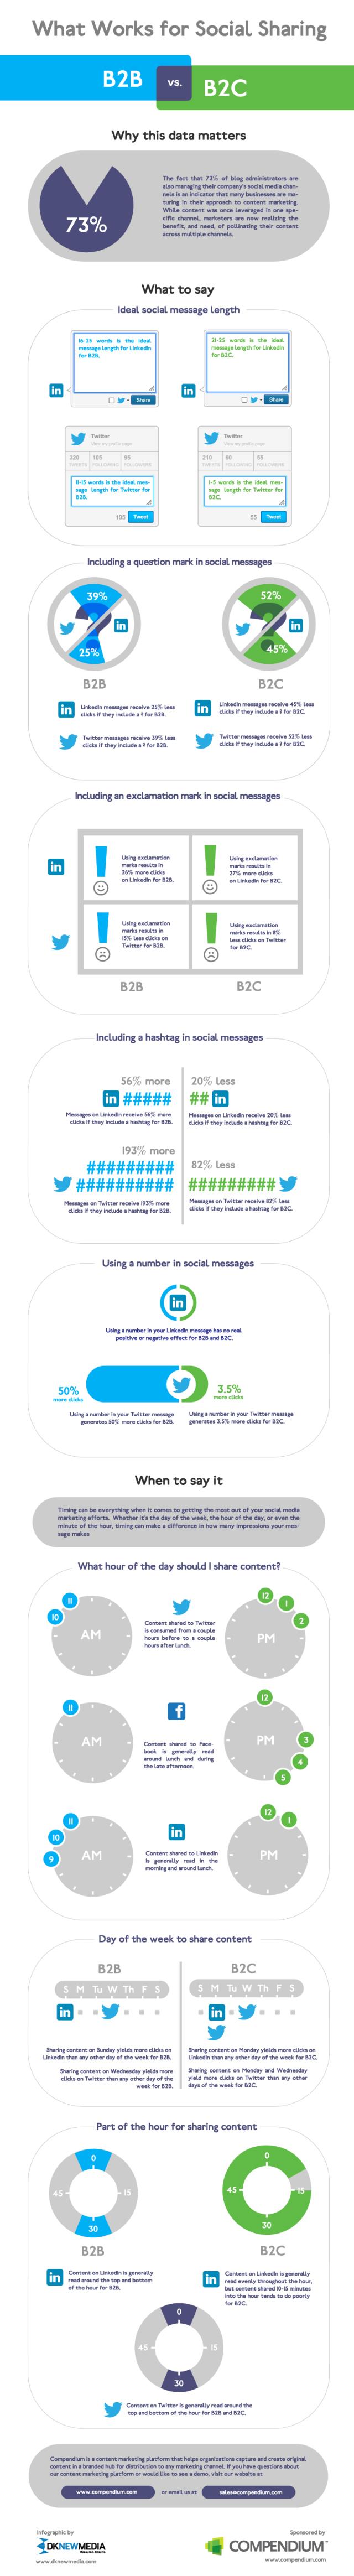 B2B ve B2C Sosyal Paylaşımlarının Farkı